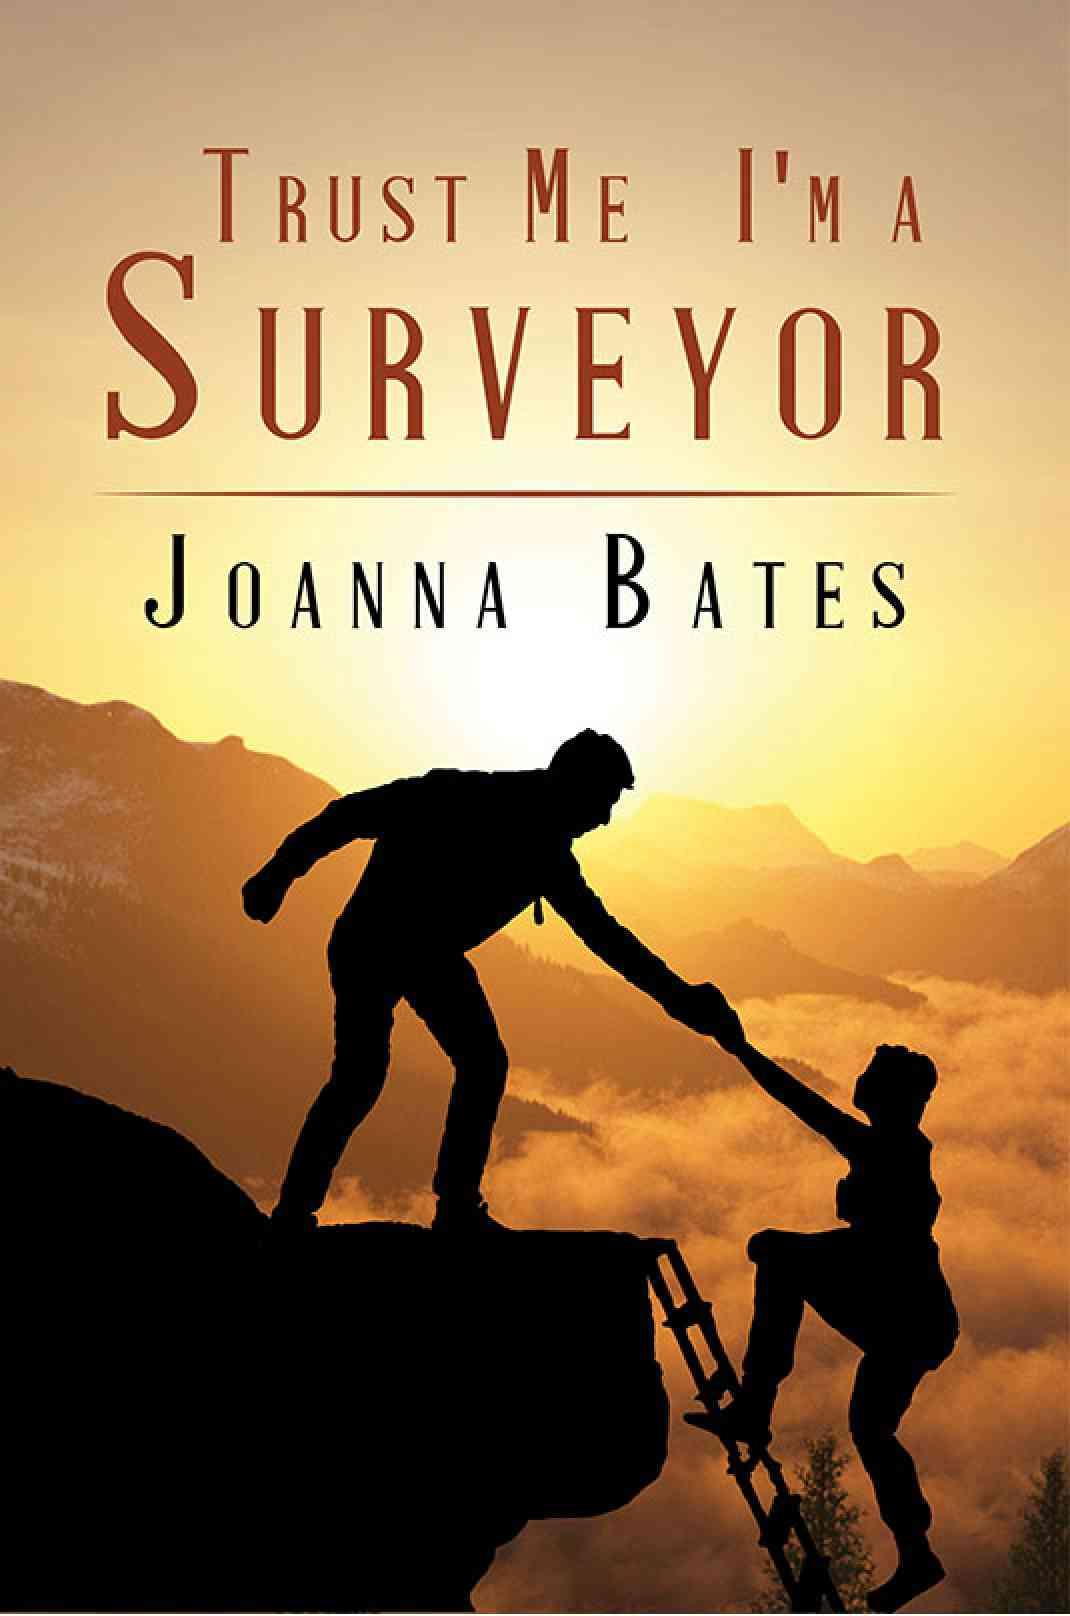 Trust Me, I'm a Surveyor